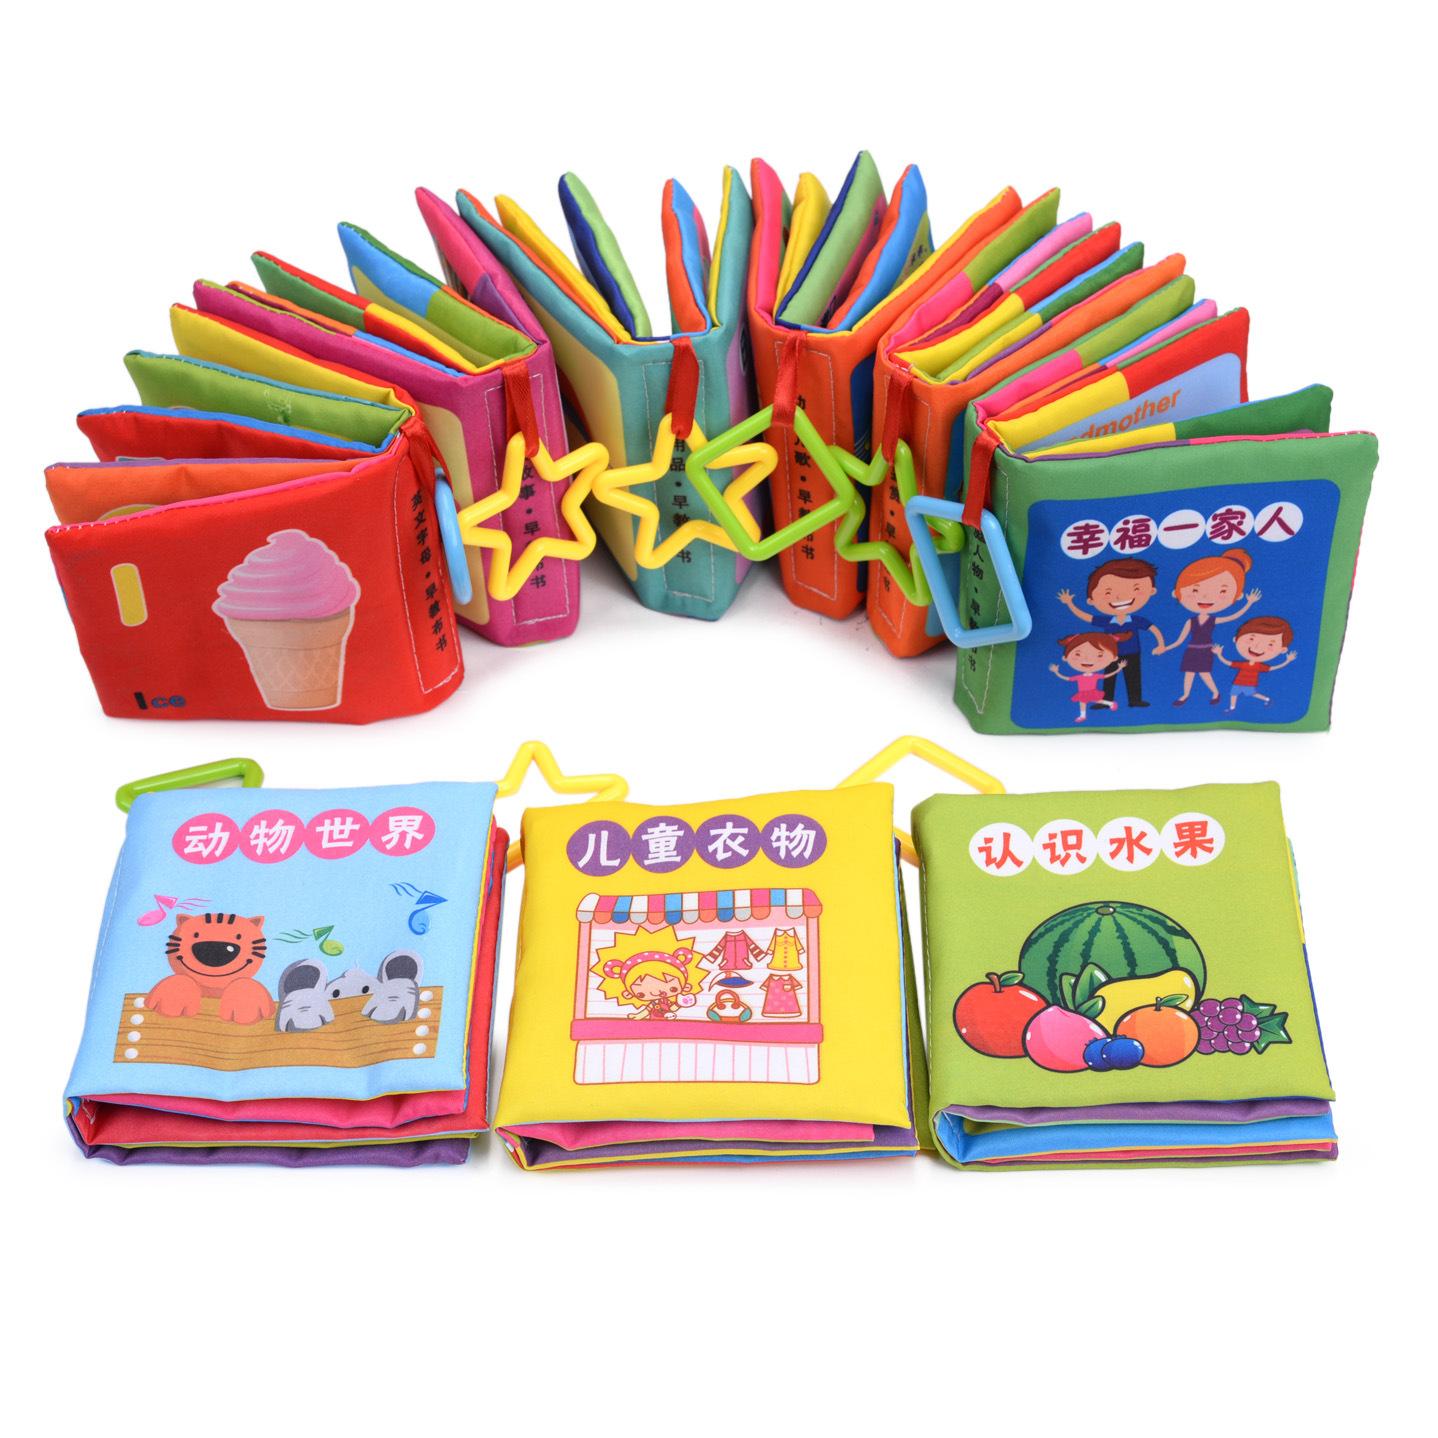 MAICAO sách vải Mới bé tập sách giáo dục sớm vải tập sách bé biết đọc sách trẻ em nhẫn giấy cuốn sác